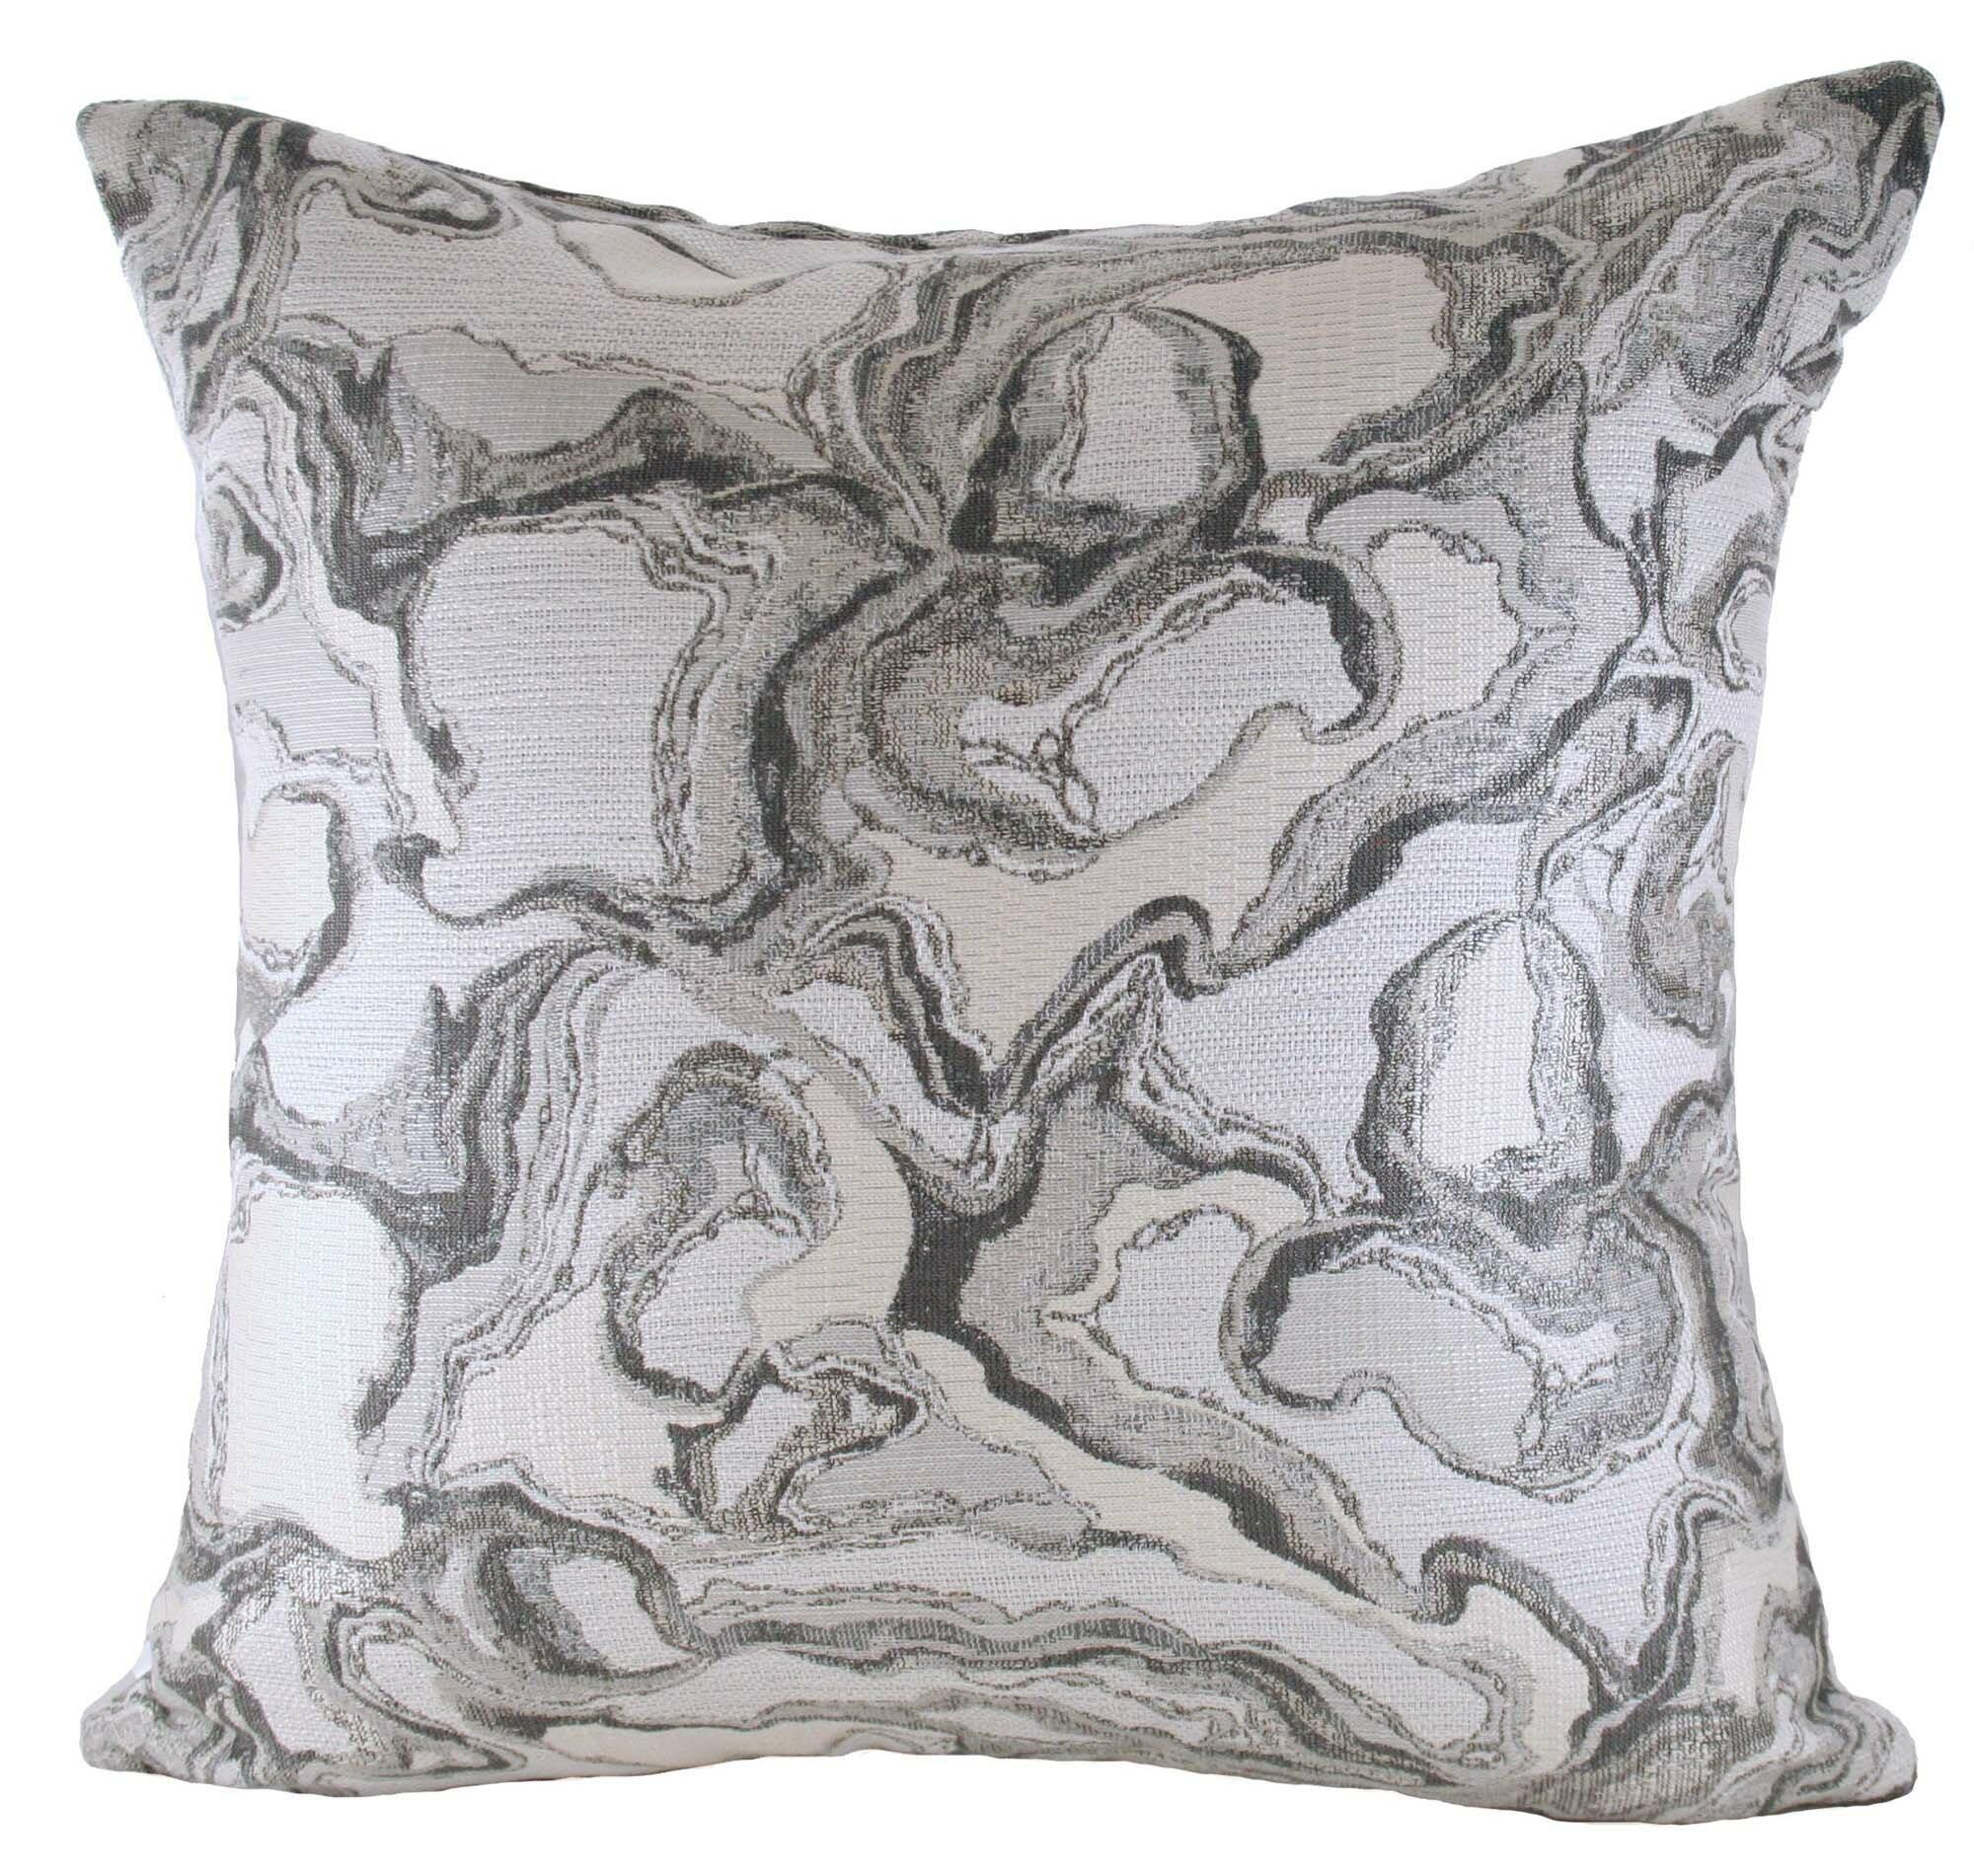 Ebern Designs Marble Cotton Blend Throw Pillow Wayfair